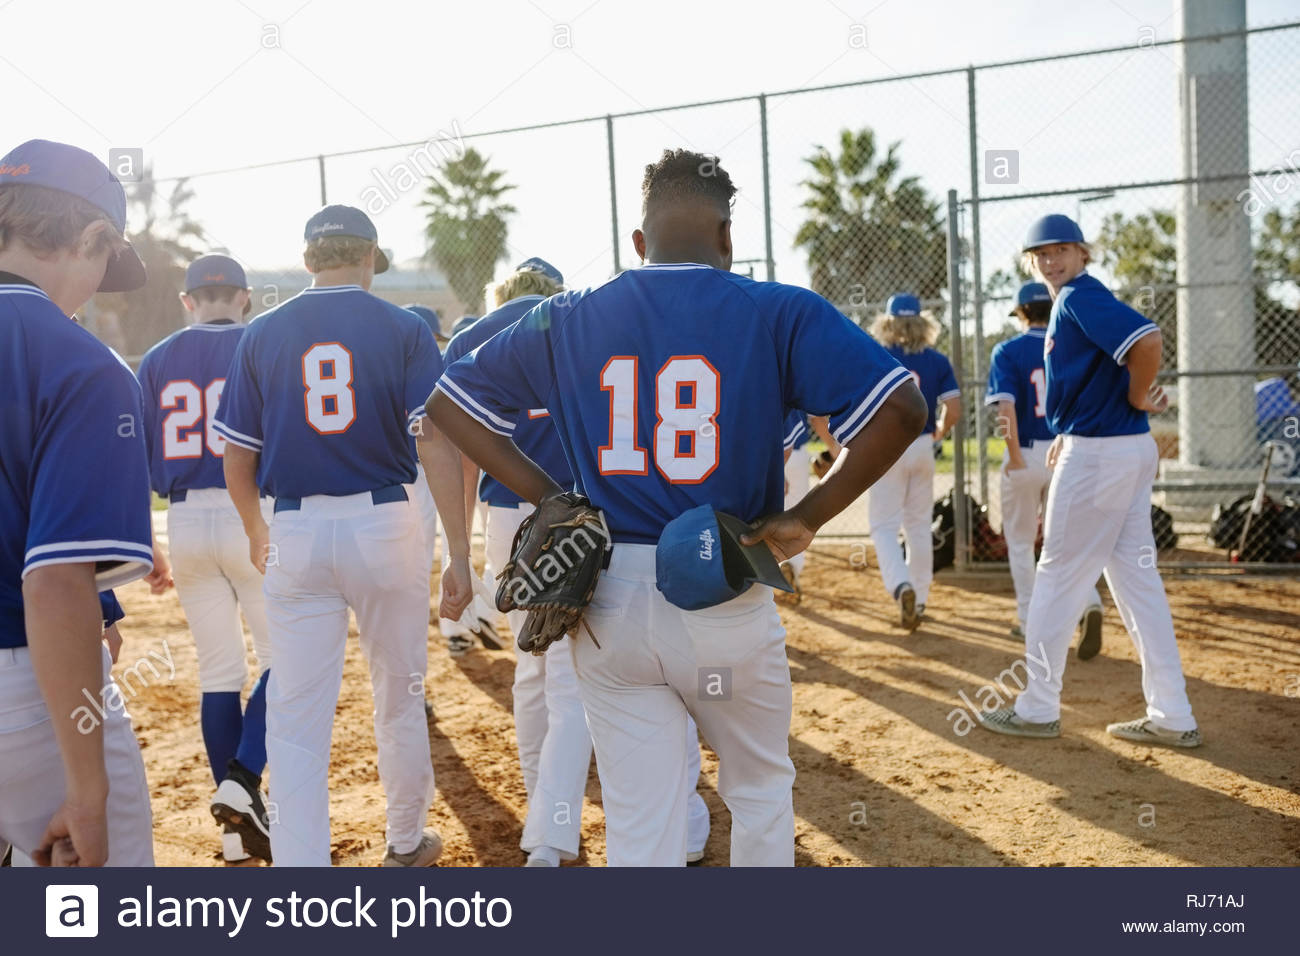 Equipo de béisbol caminar fuera del campo Imagen De Stock